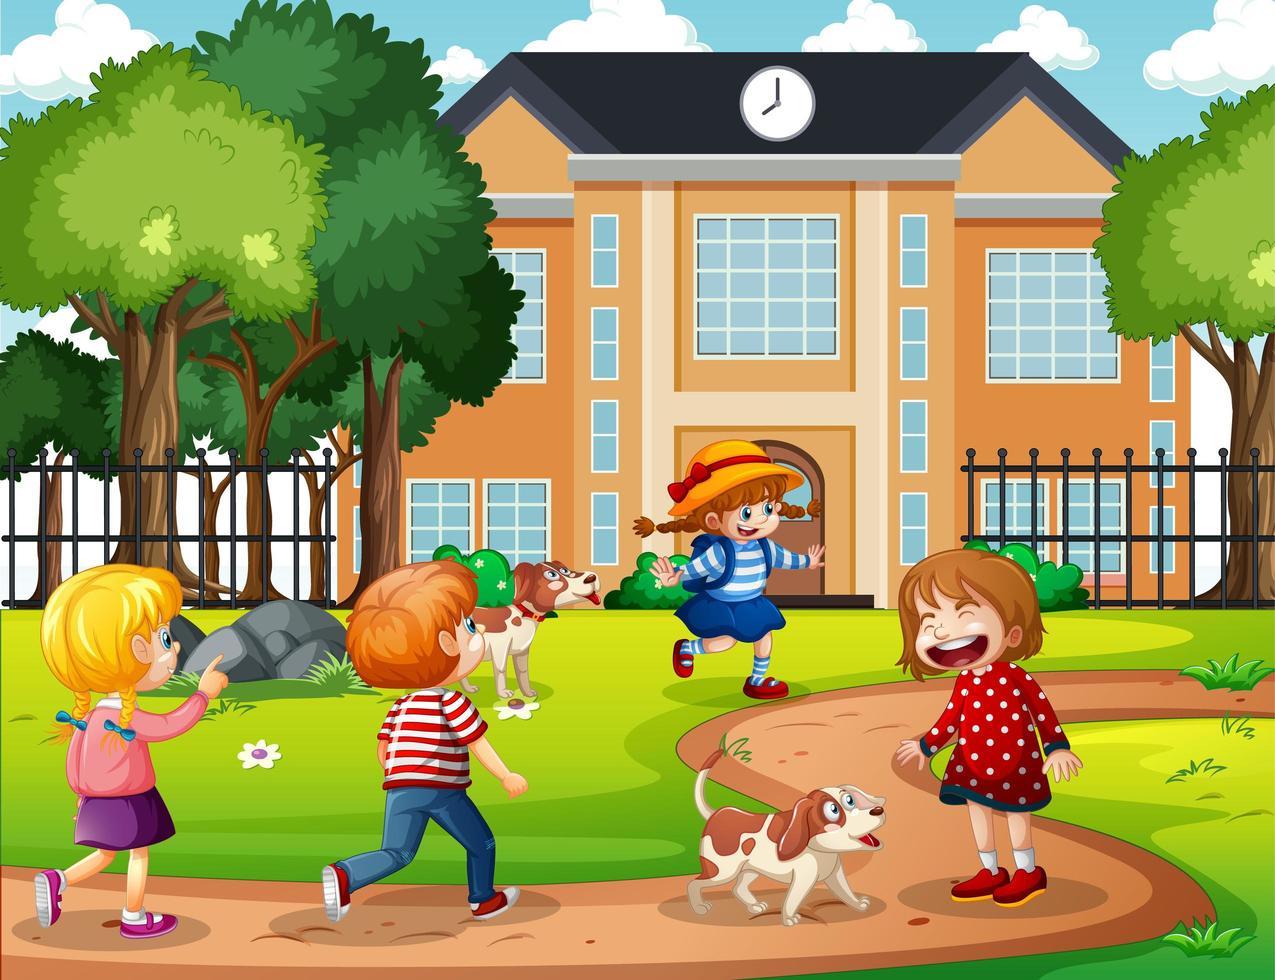 scène en plein air avec de nombreux enfants jouant devant l & # 39; école vecteur